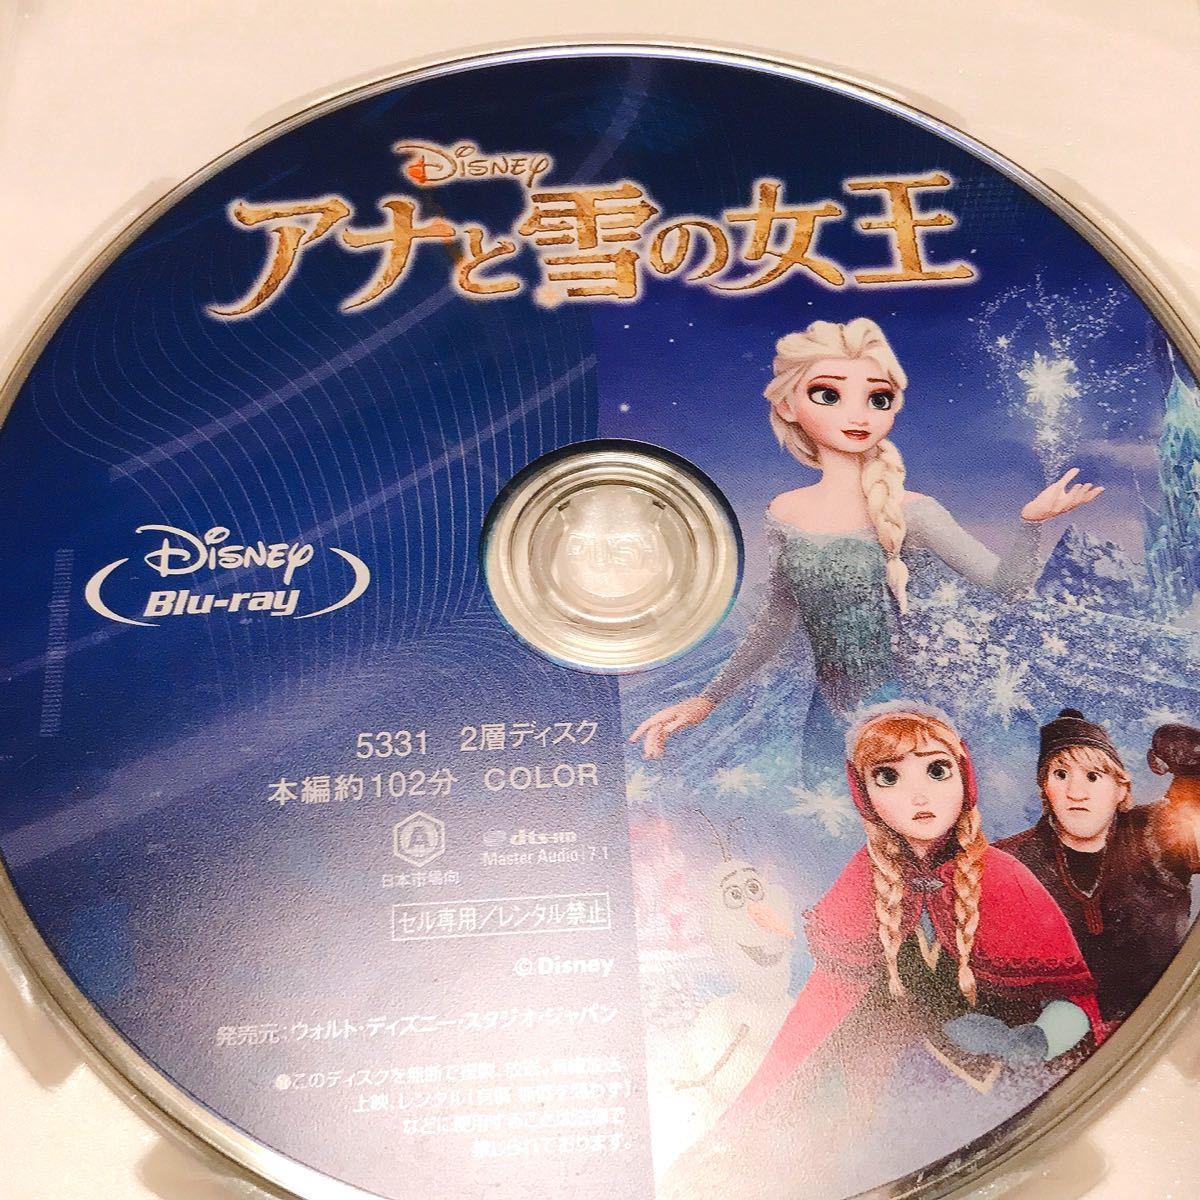 アナと雪の女王国内正規盤 ブルーレイ・ディスクディズニー プリンセス